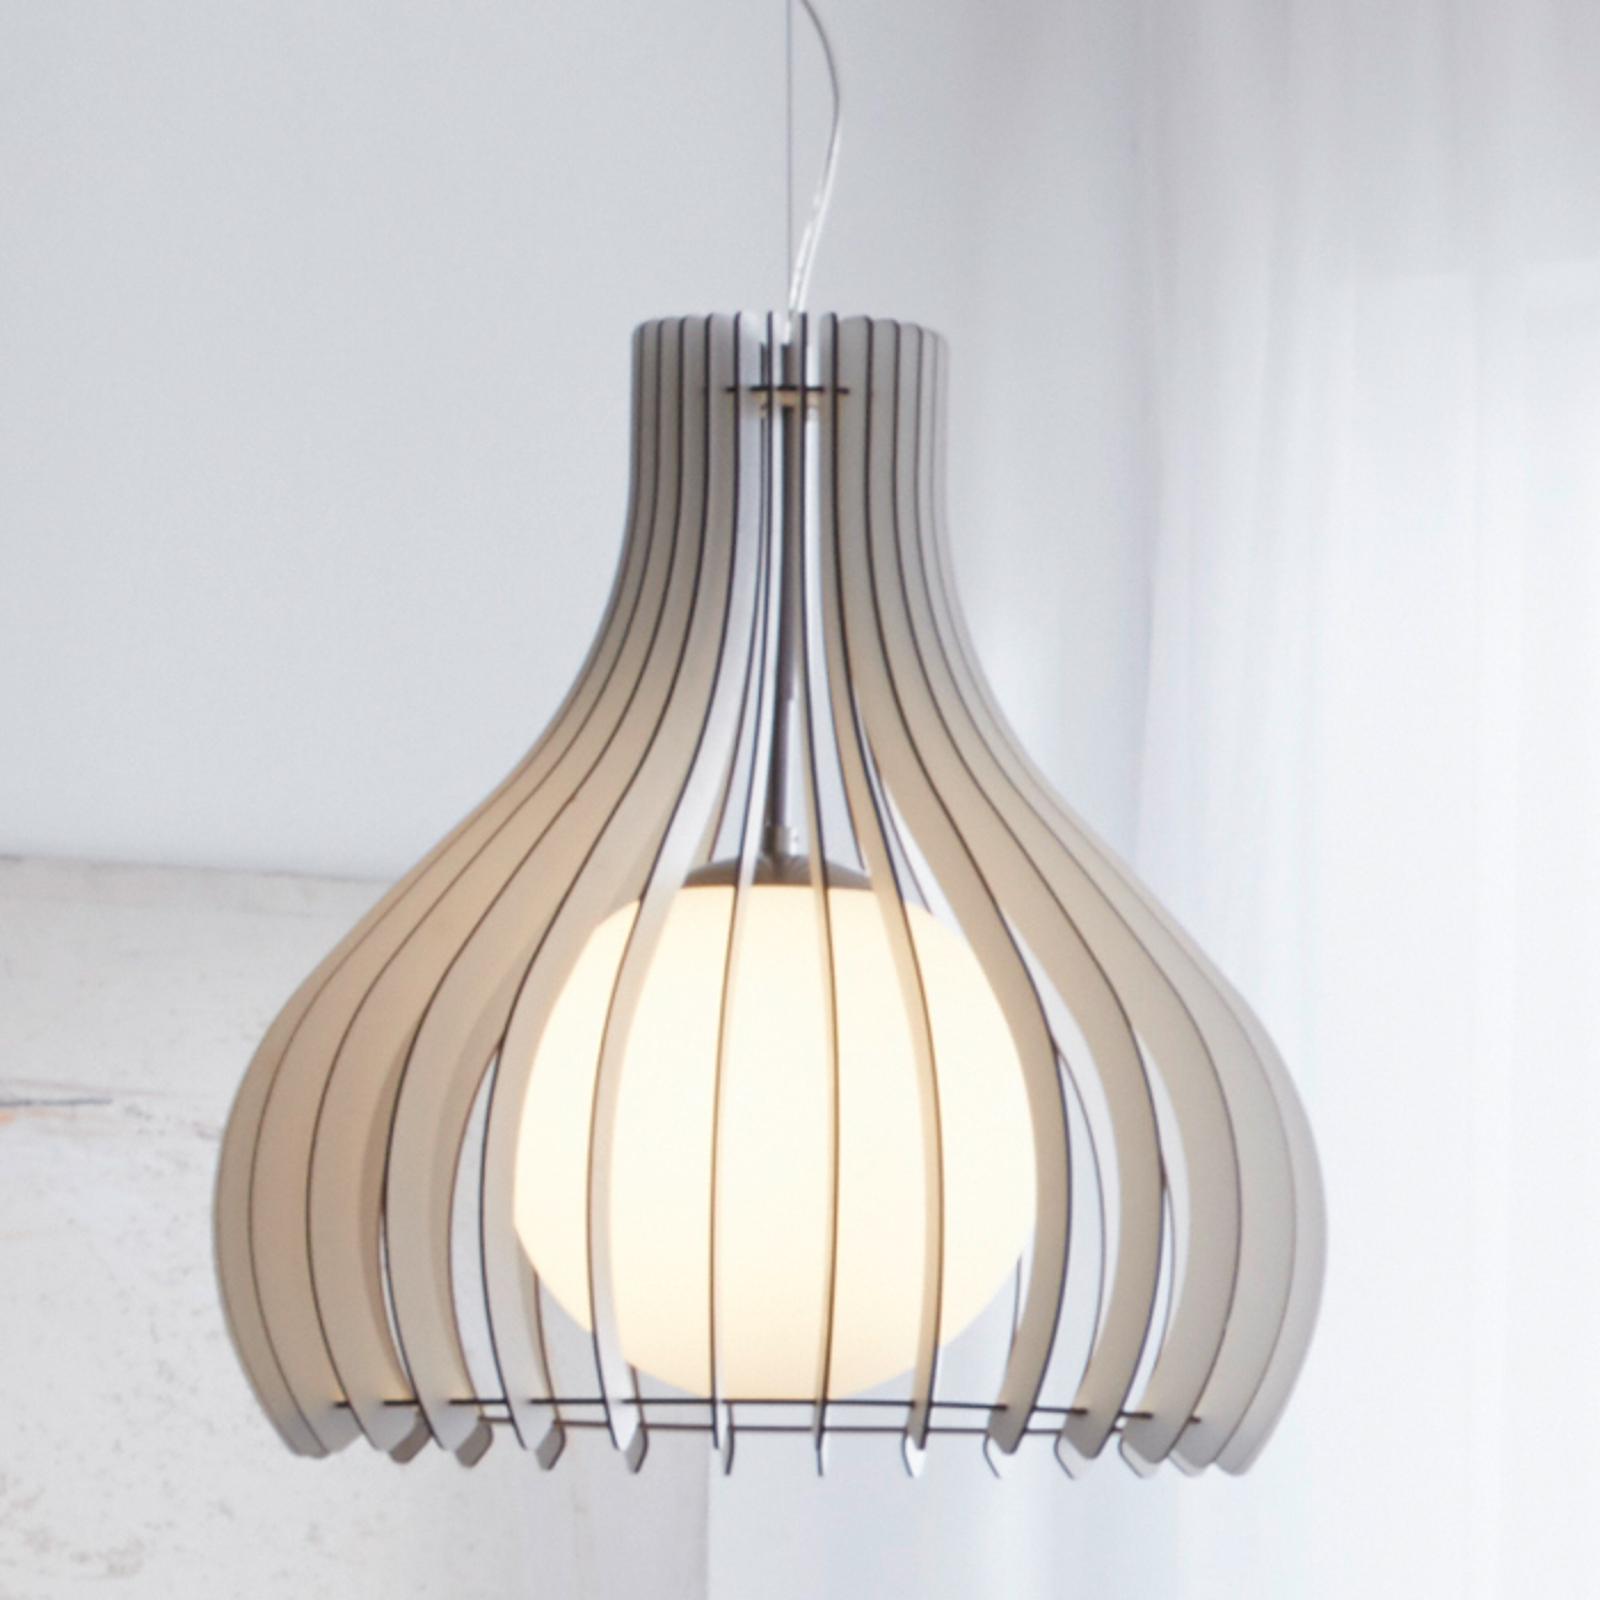 Lámpara colgante Tindori con láminas de madera